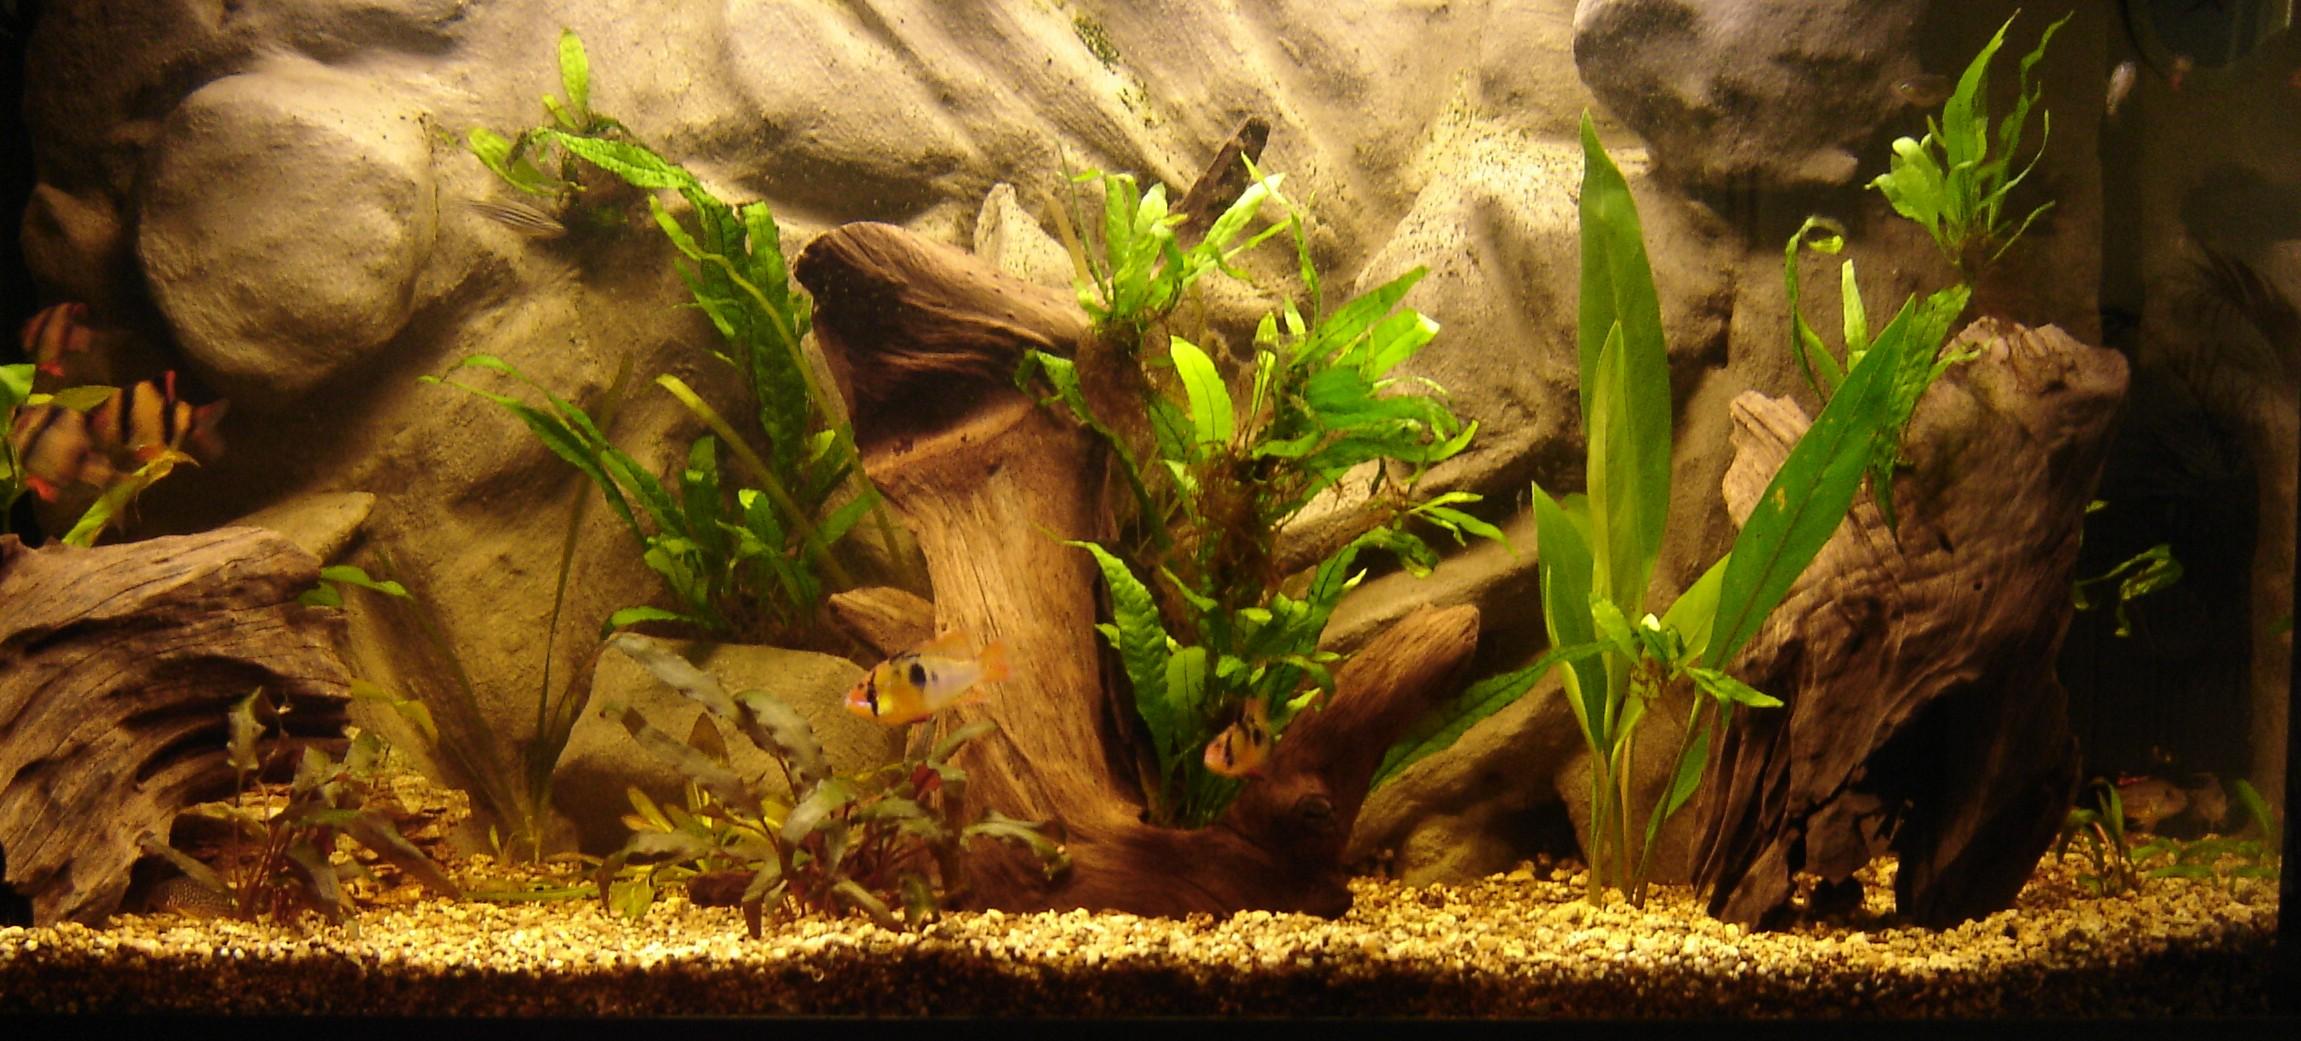 Aquarium wallpaper 26 2301x1041 for 1041 the fish